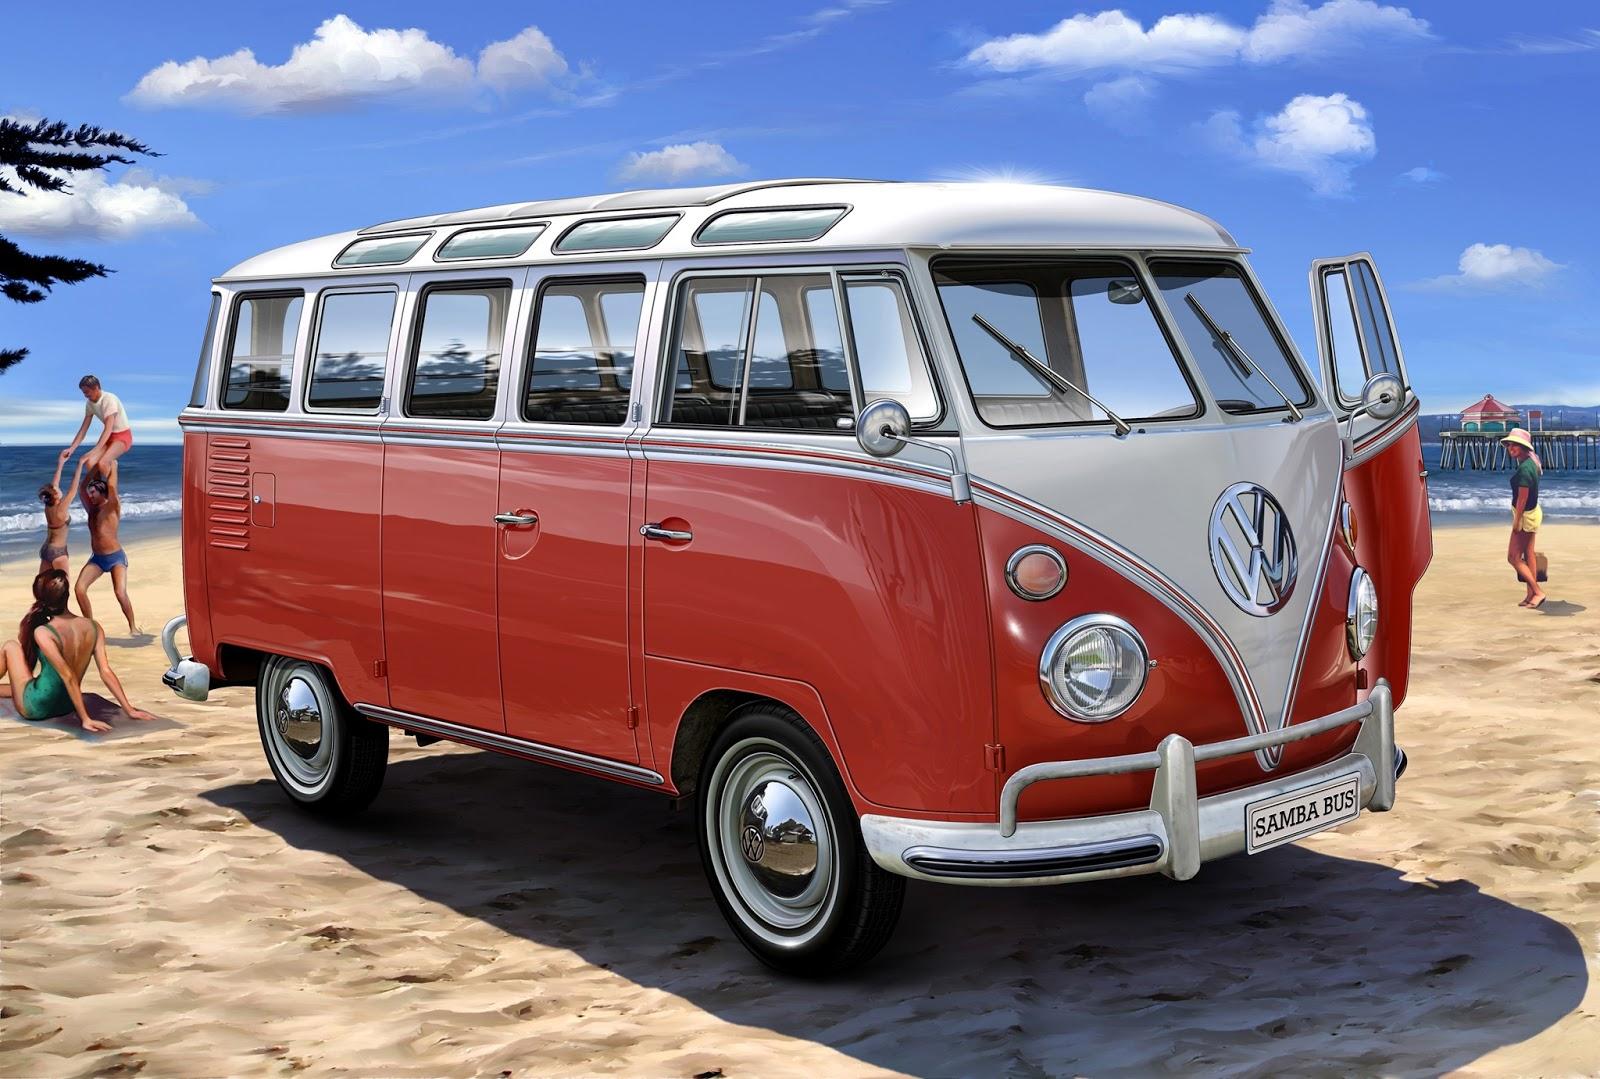 volkswagen bus history vw bus. Black Bedroom Furniture Sets. Home Design Ideas